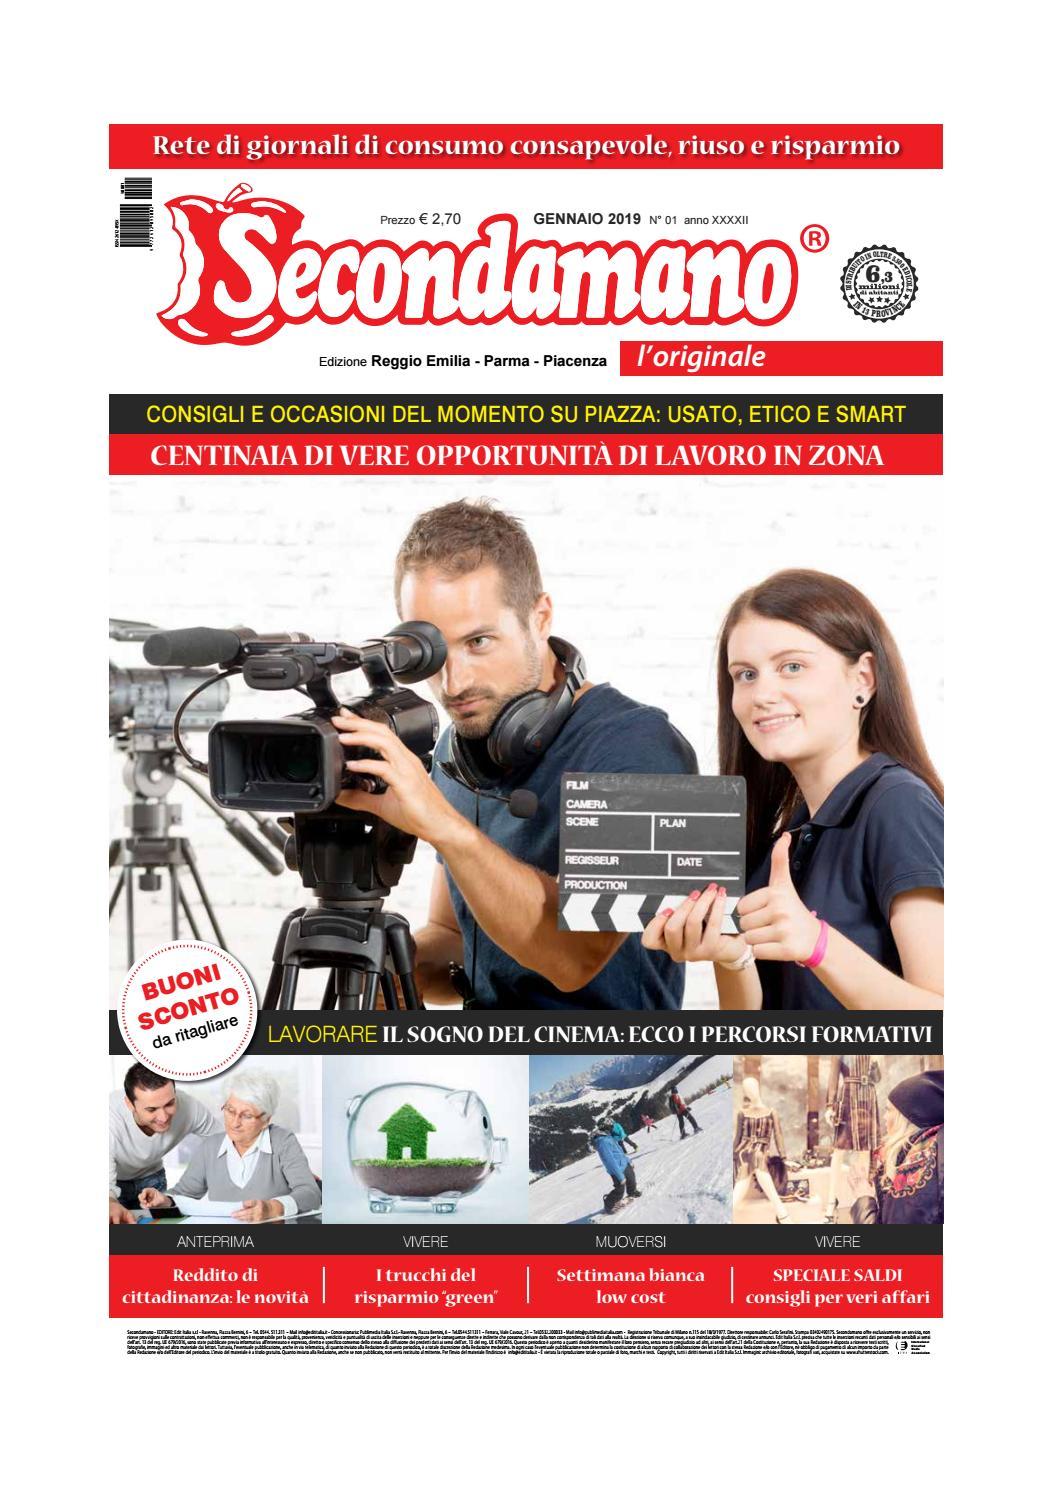 ca82e01d5e Secondamano gennaio 2019 by Edit Italia S.r.l. - issuu